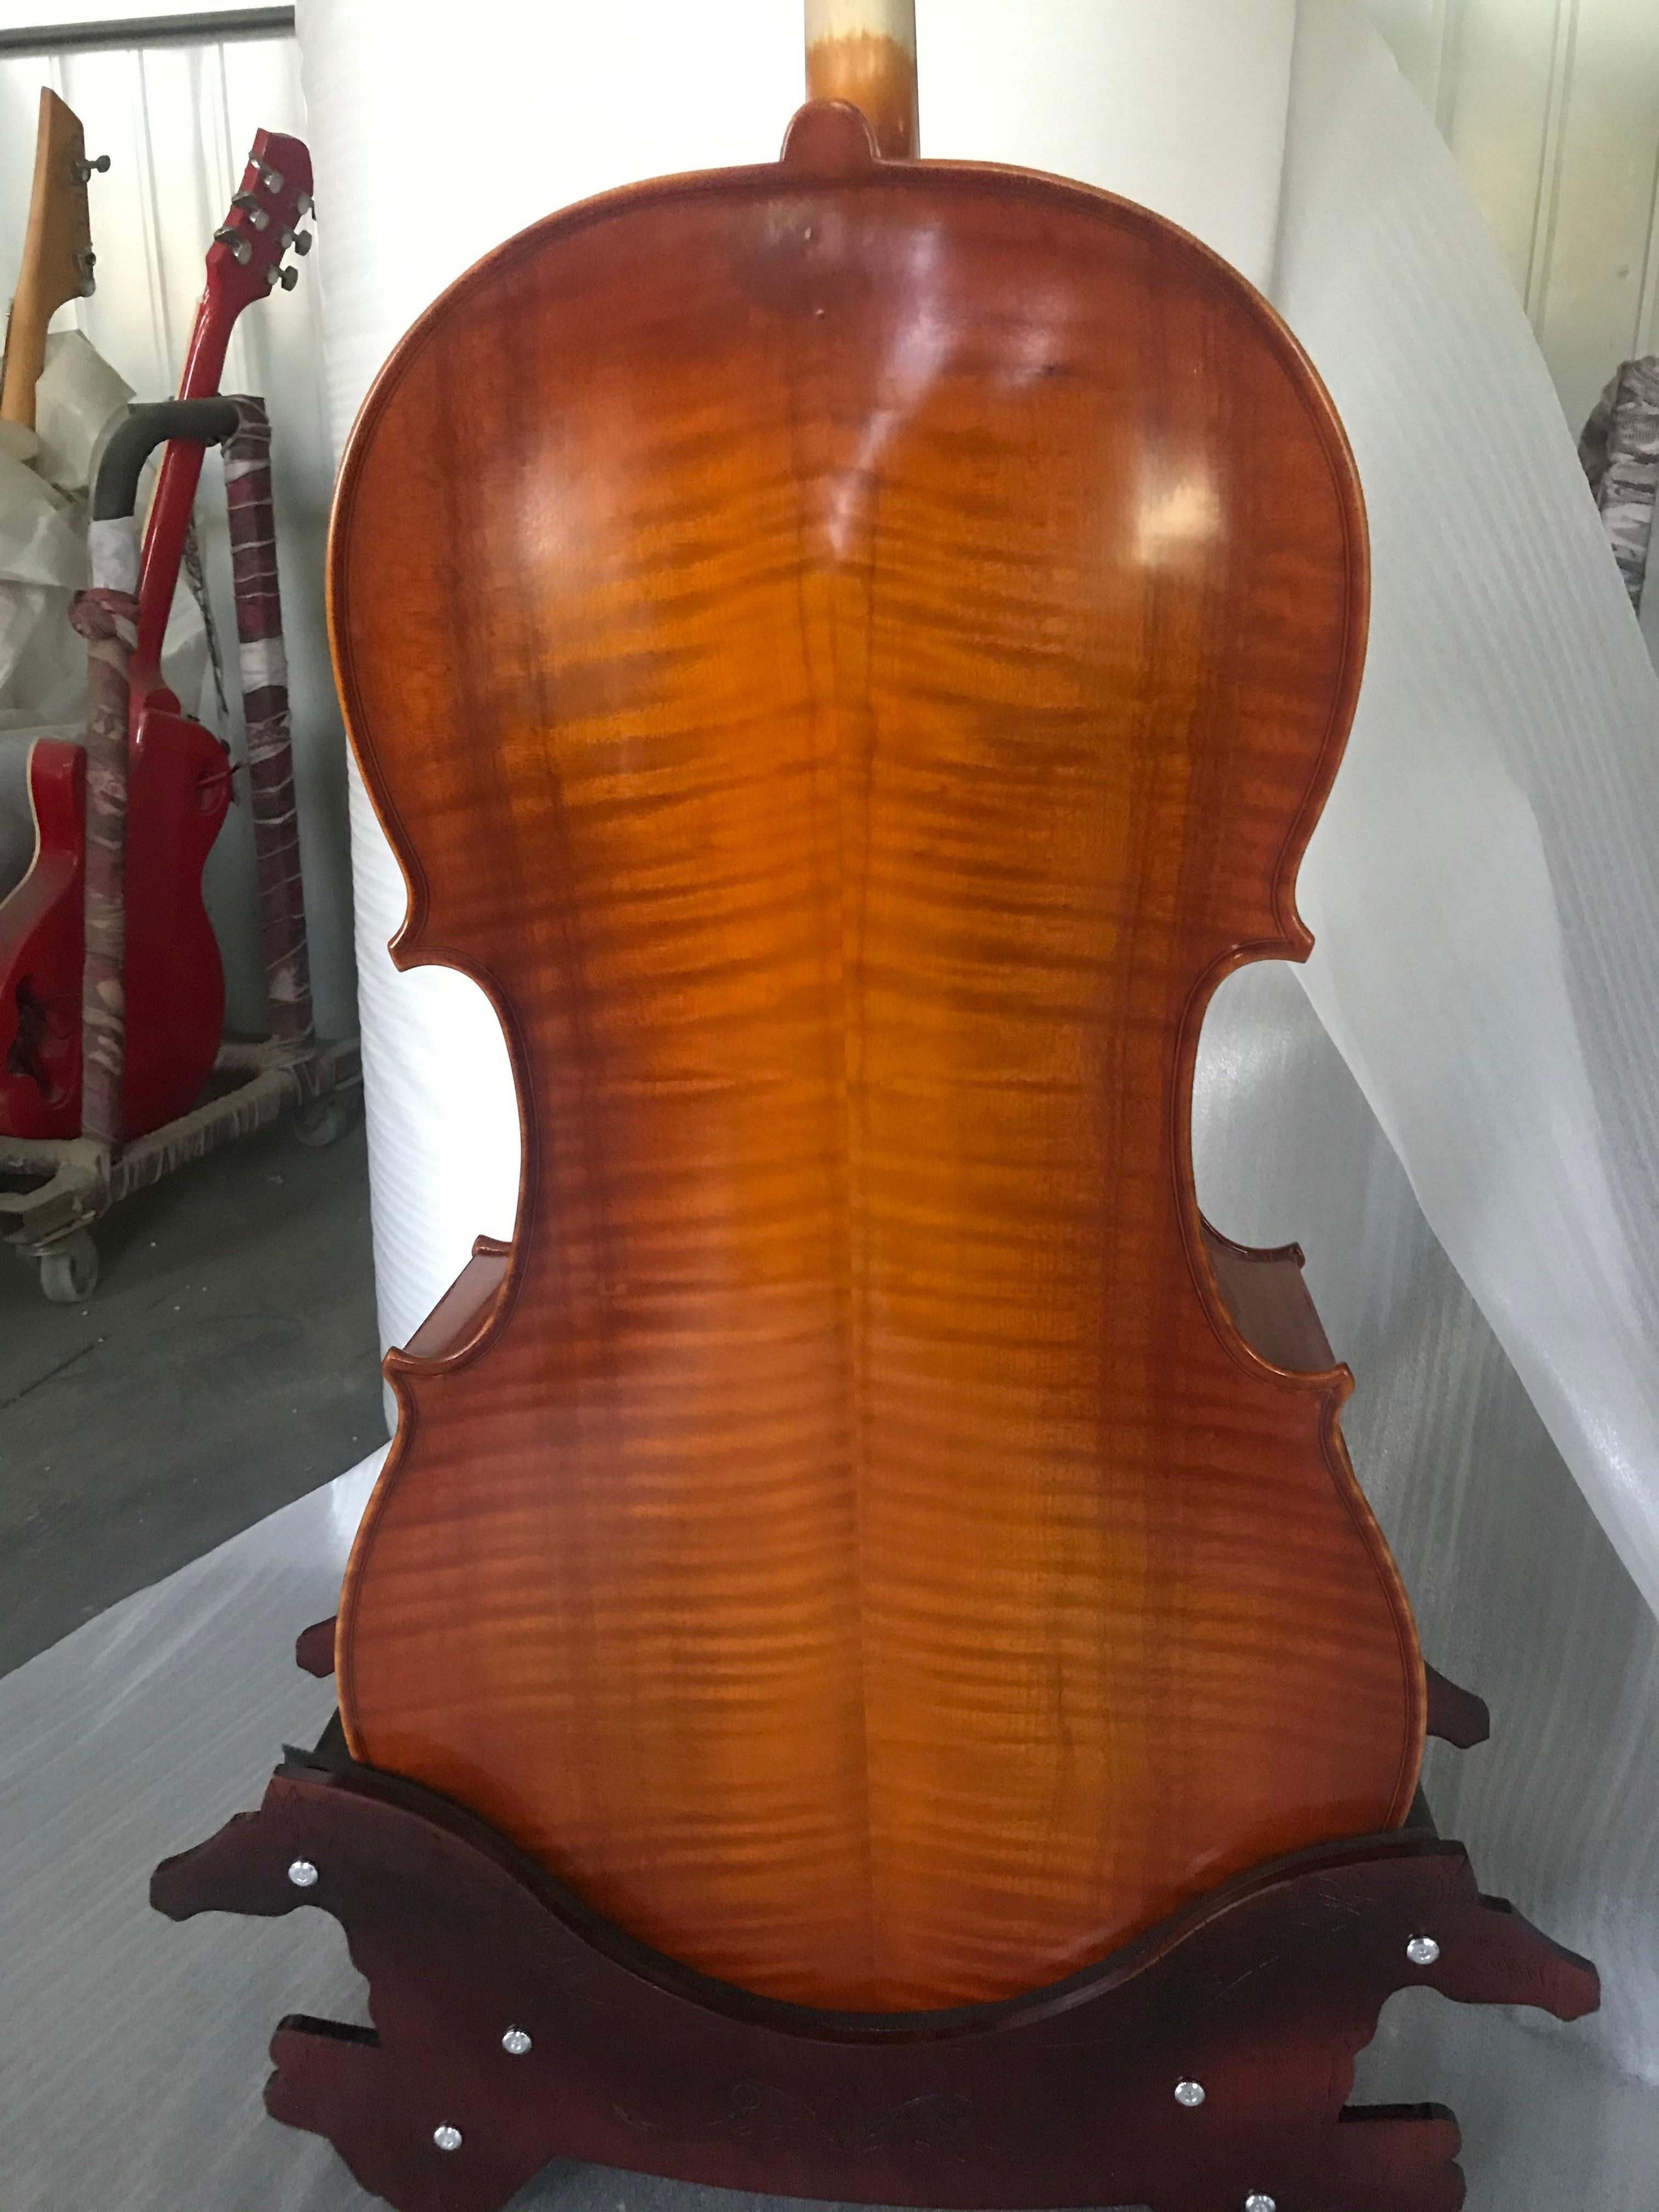 100% تشيلو يدوي الصنع 3/4 خشب متين سيلو أداة مربوطة محترف فيولونسيل صوت ضخم وقوي